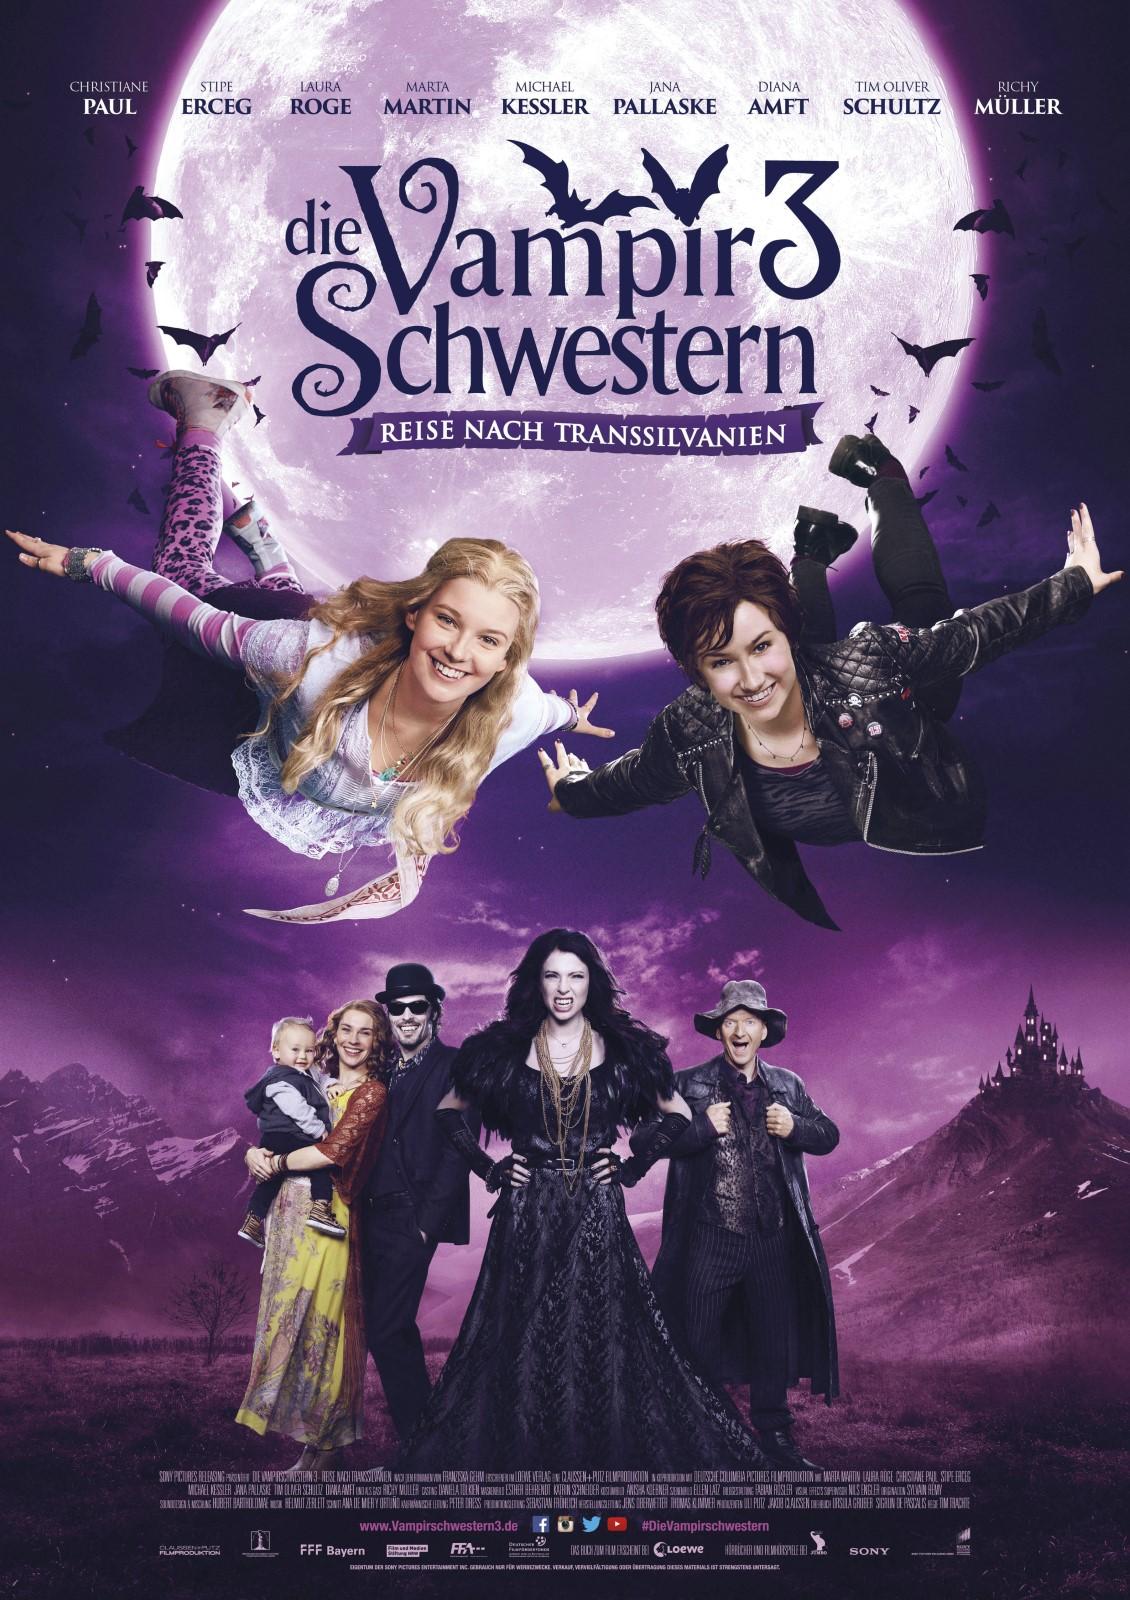 Die Vampirschwestern 3 Reise Nach Transsilvanien Film 2016 Filmstarts De